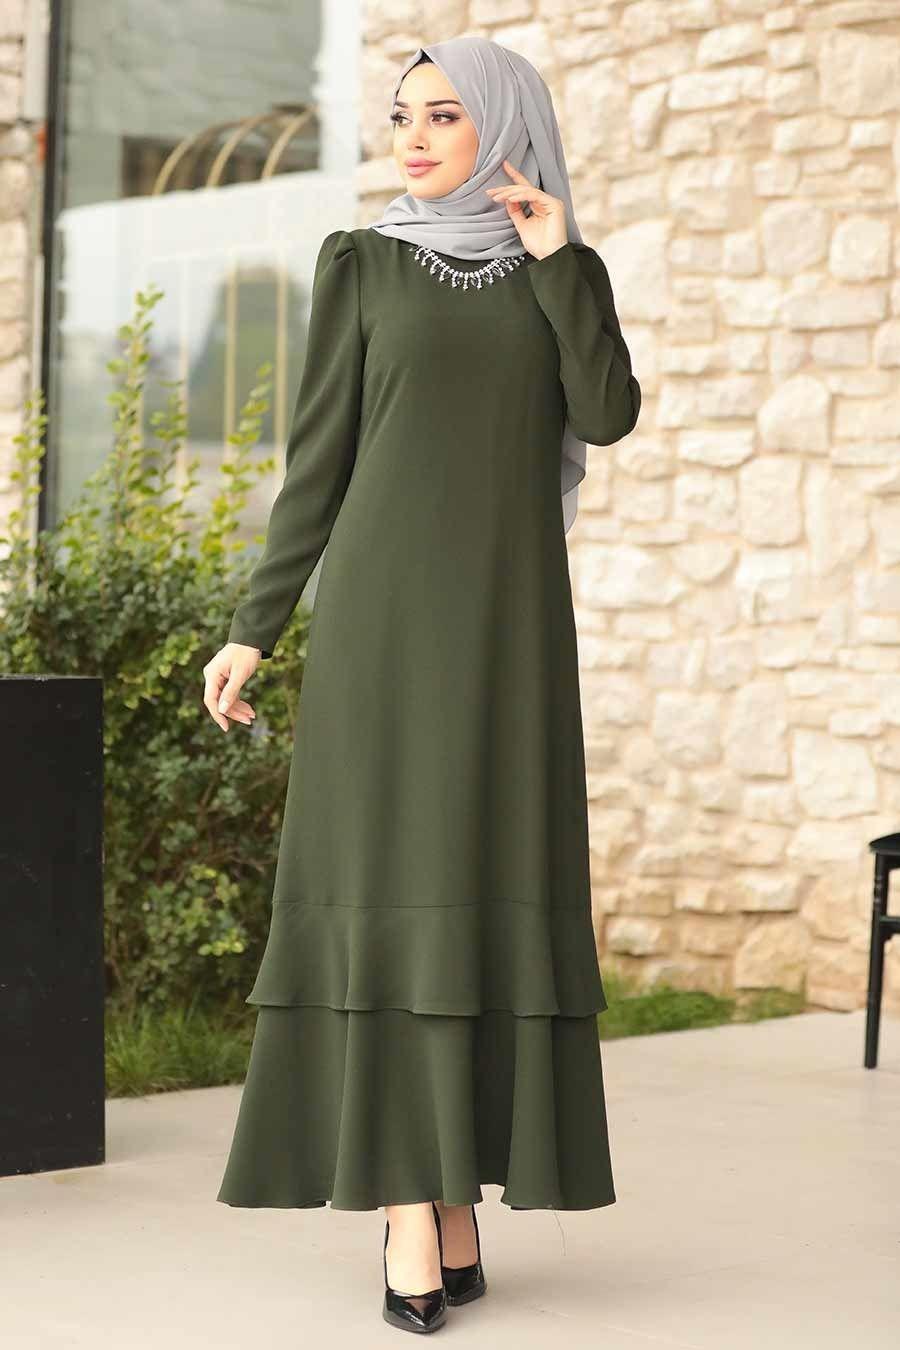 Tesettürlü Abiye Elbise - Kolyeli Yeşil Tesettür Abiye Elbise 3763Y - Tesetturisland.com